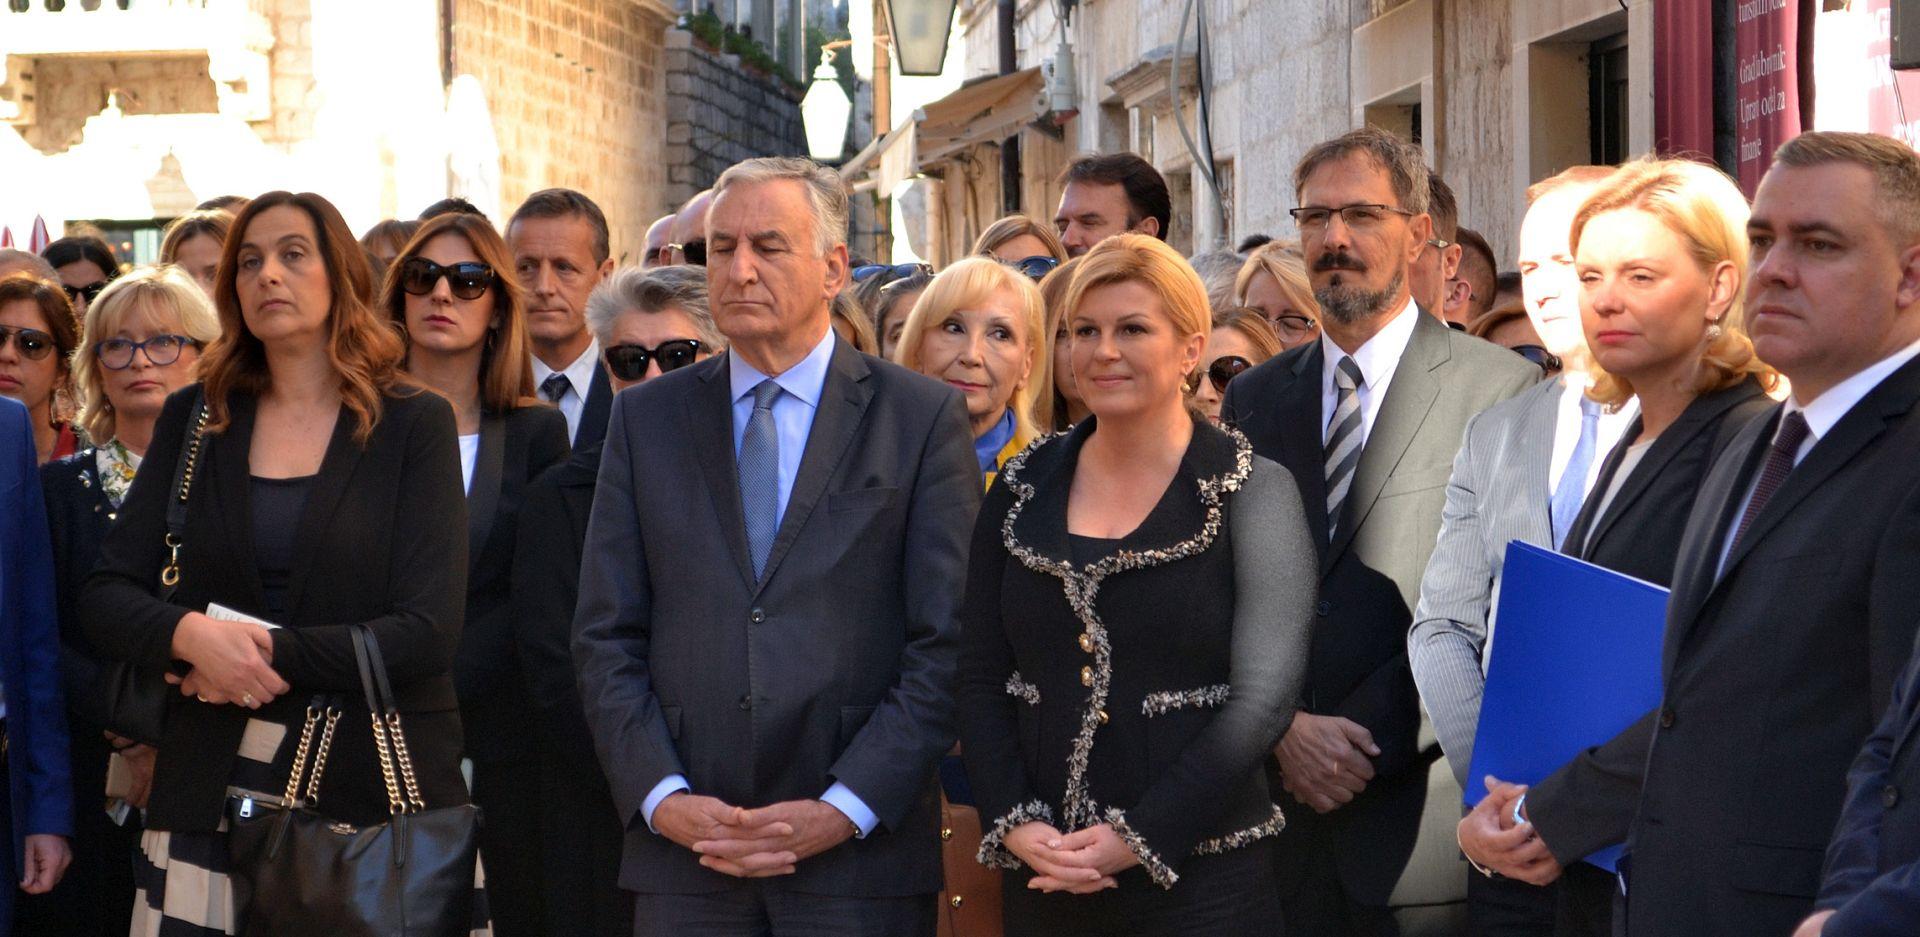 Predsjednica Grabar-Kitarović otvorila privremeni Ured u Dubrovačko-neretvanskoj županiji